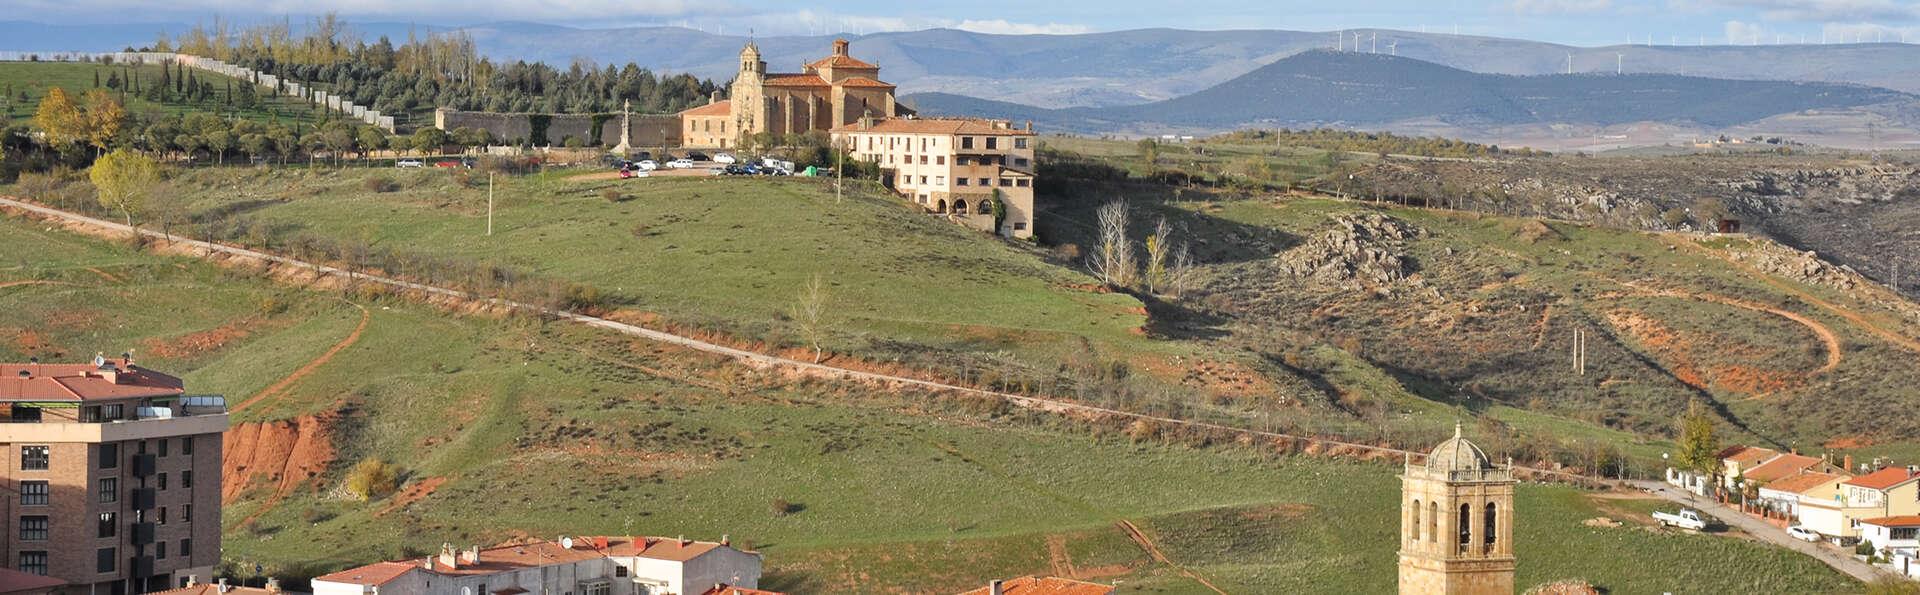 Hotel Alvargonzalez - Edit_Soria.jpg